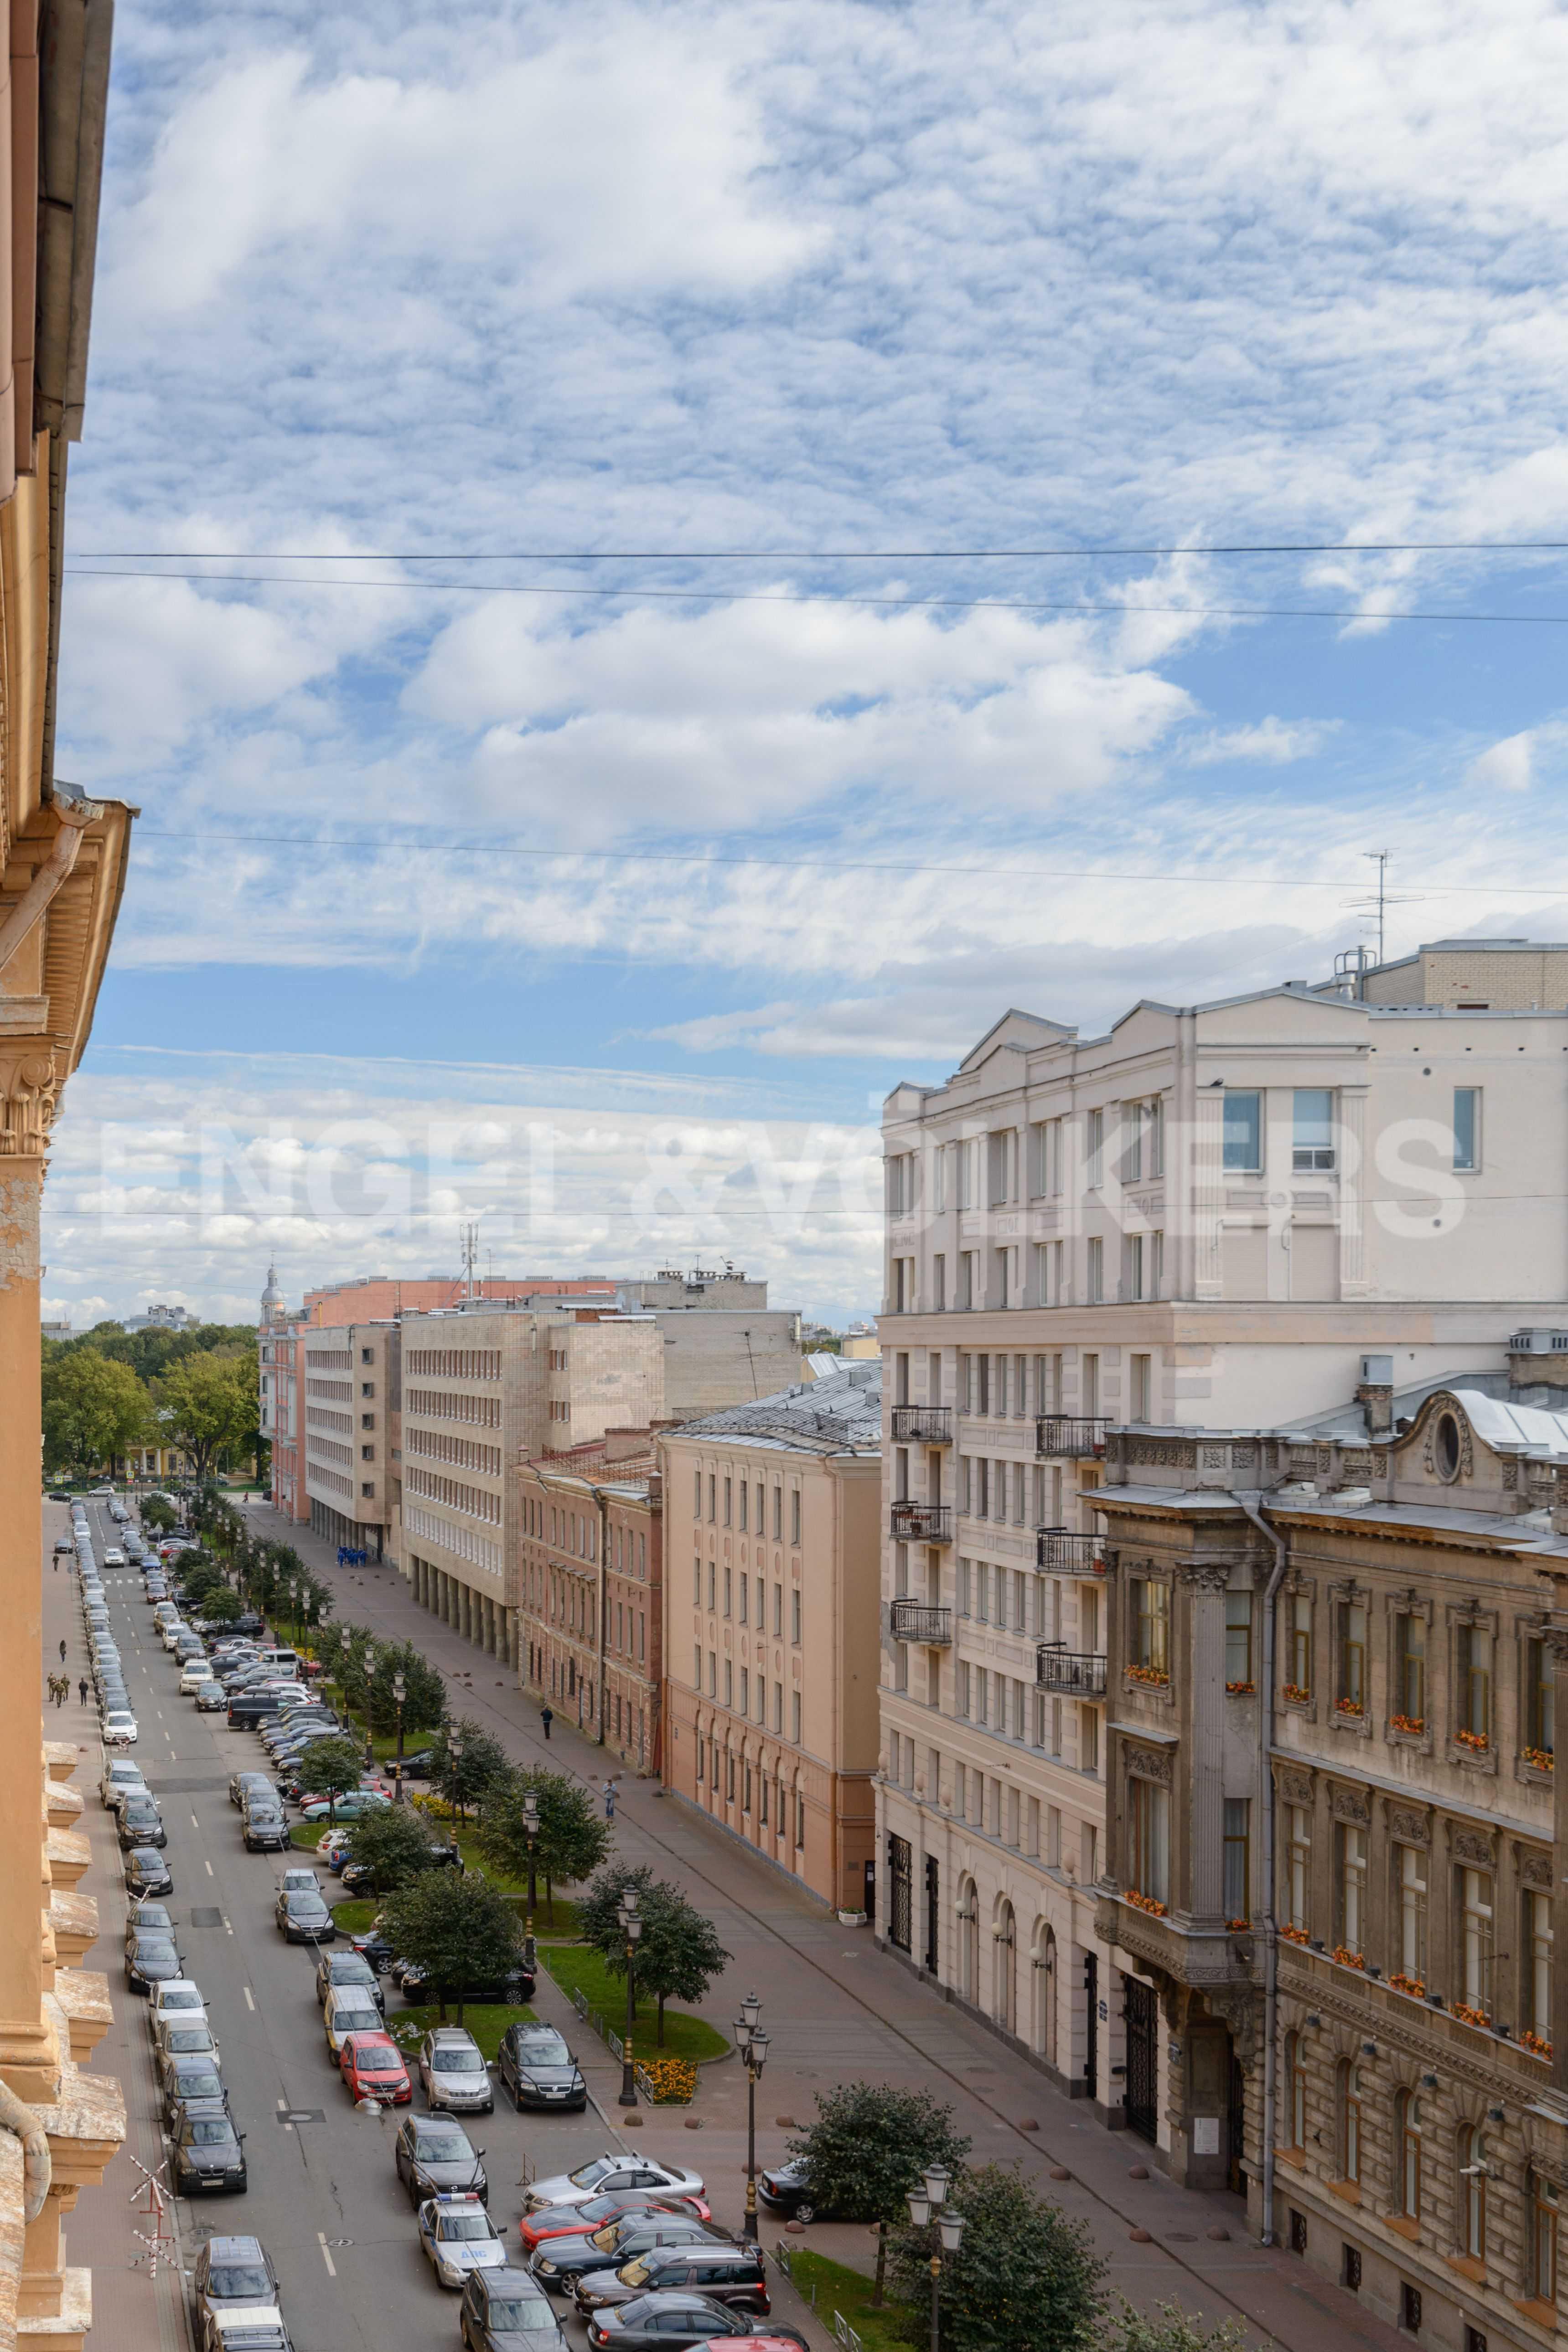 Элитные квартиры в Центральном районе. Санкт-Петербург, Захарьевская, 16. Вид в сторону Таврического сада